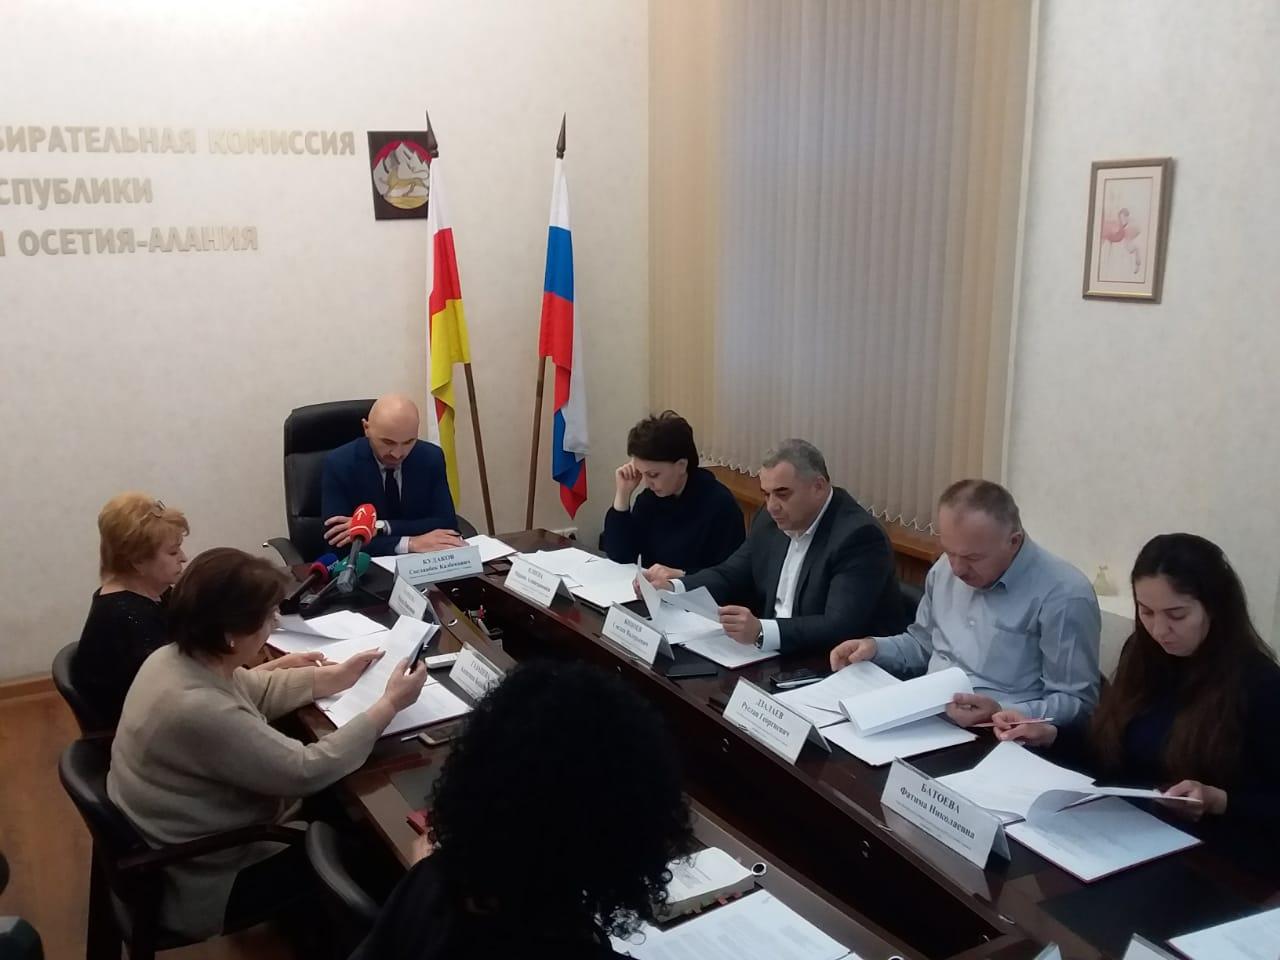 ЦИК Северной Осетии не принял ходатайство о возврате прямых выборов Главы республики из-за ошибок допущенных в заявлении